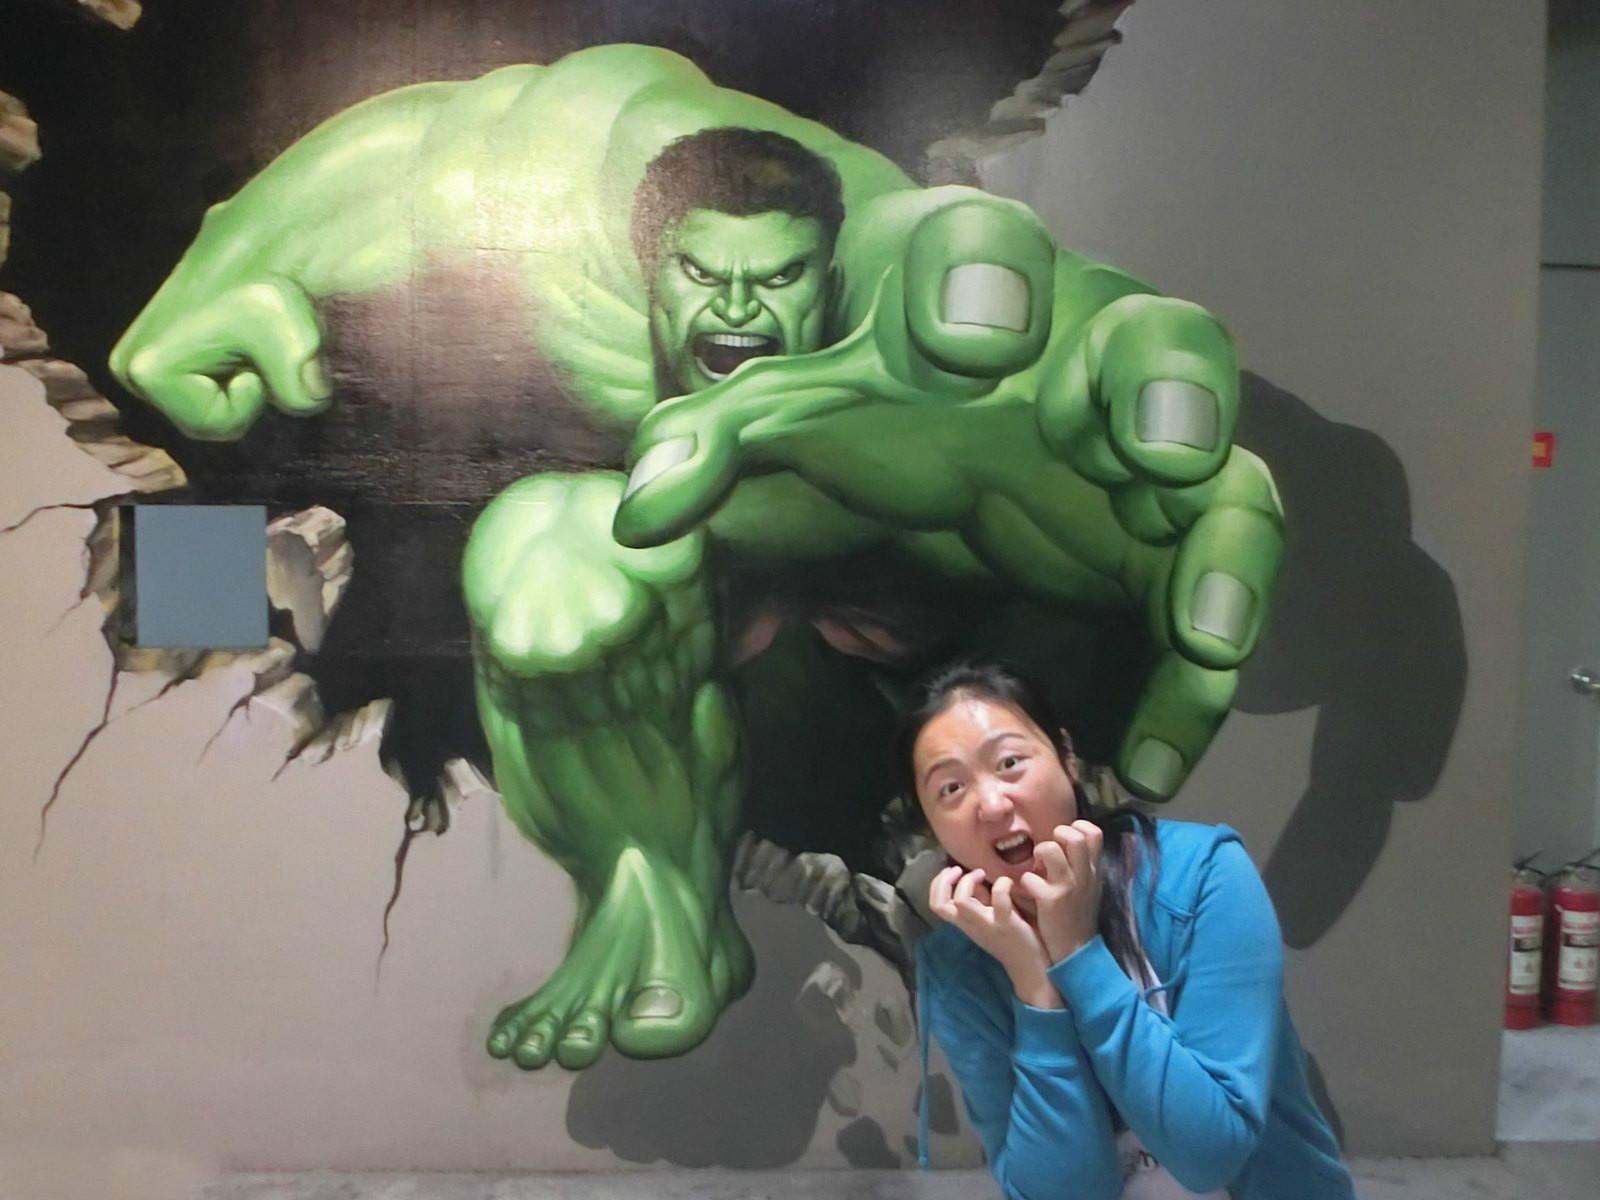 绿巨人魔爪伸向姑娘,她表情满分哦.整体感觉酷炫感十足啊.图片